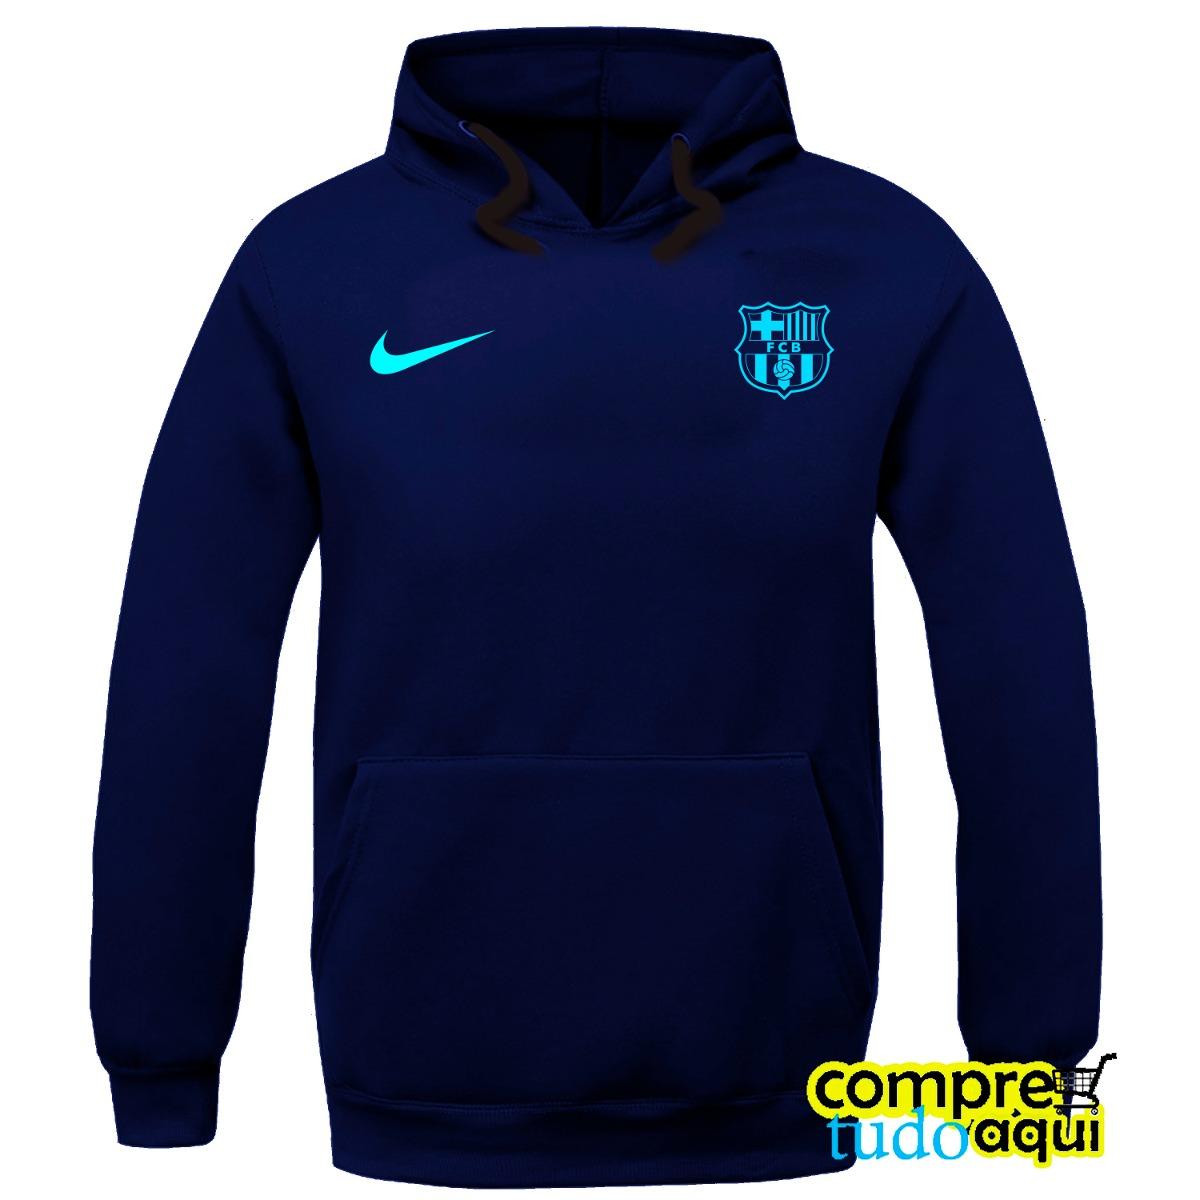 2c2fed7b37cbb blusa moletom barcelona futebol - casaco de frio moleton. Carregando zoom.